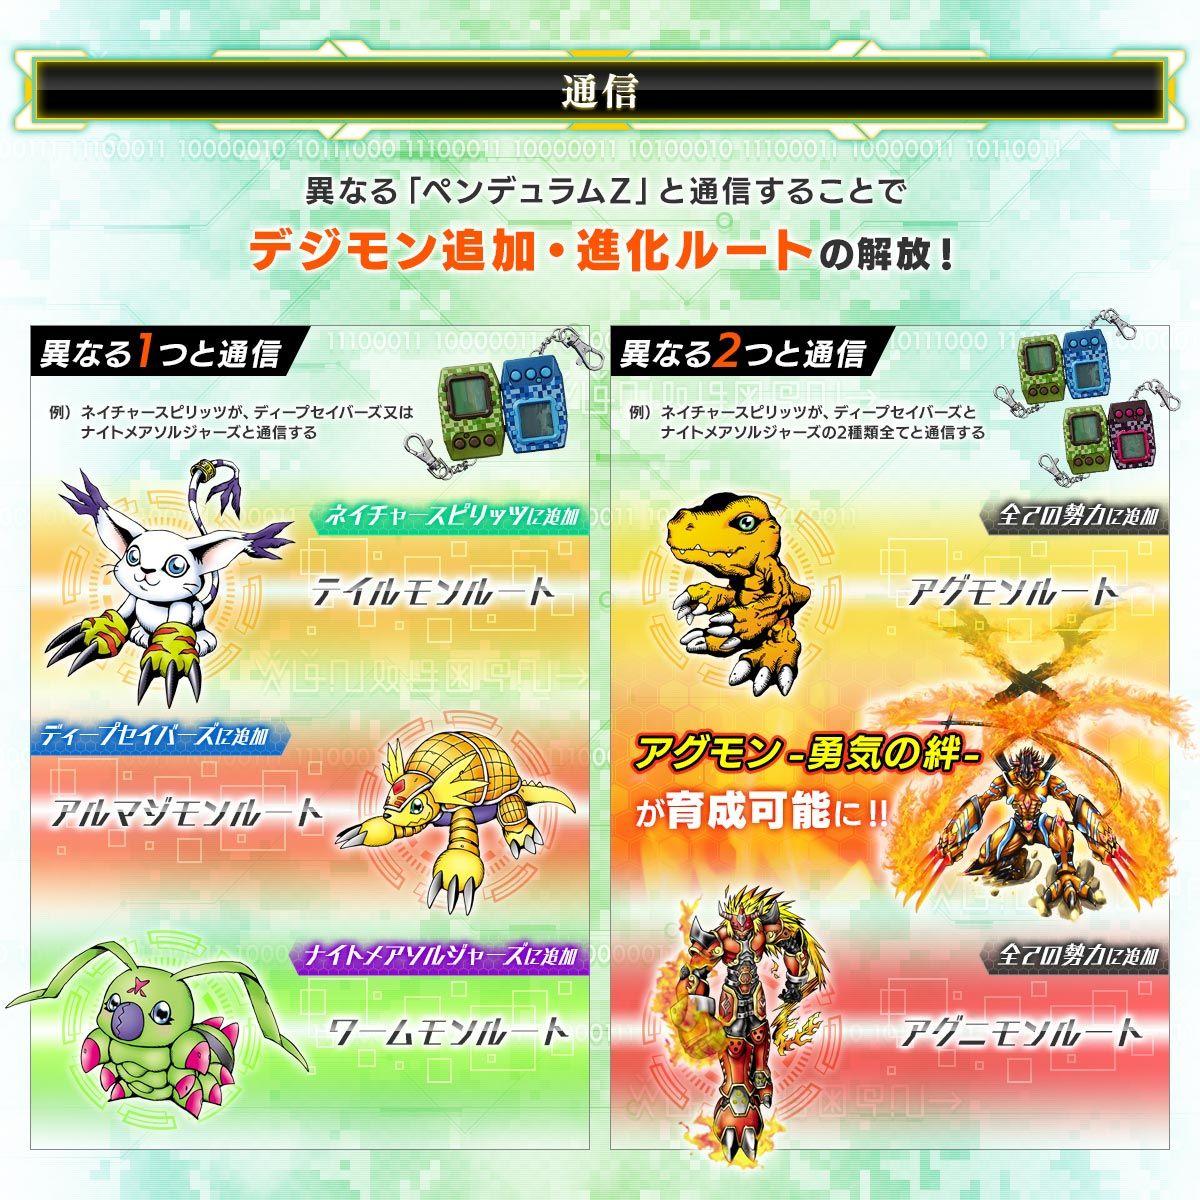 【限定販売】デジタルモンスター『デジモンペンデュラムZ』携帯型液晶育成ゲーム-005